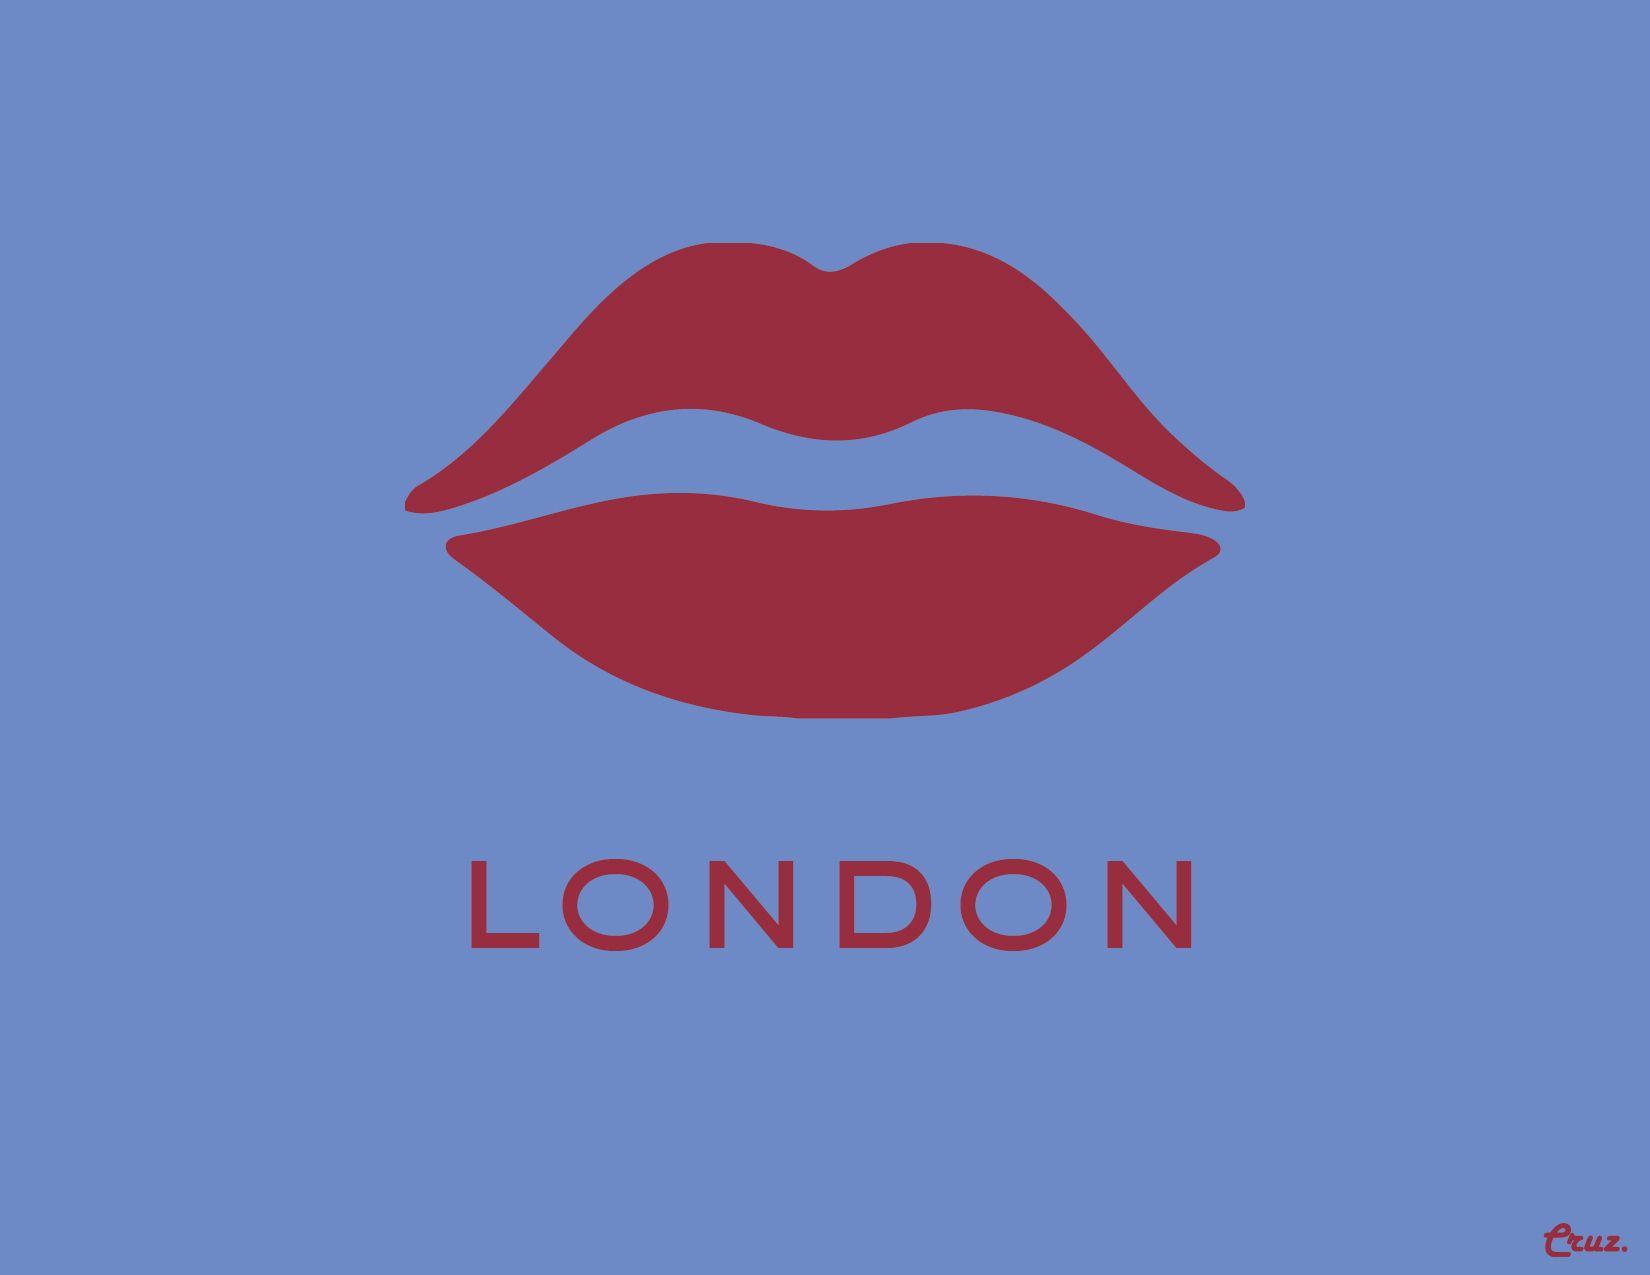 London lips